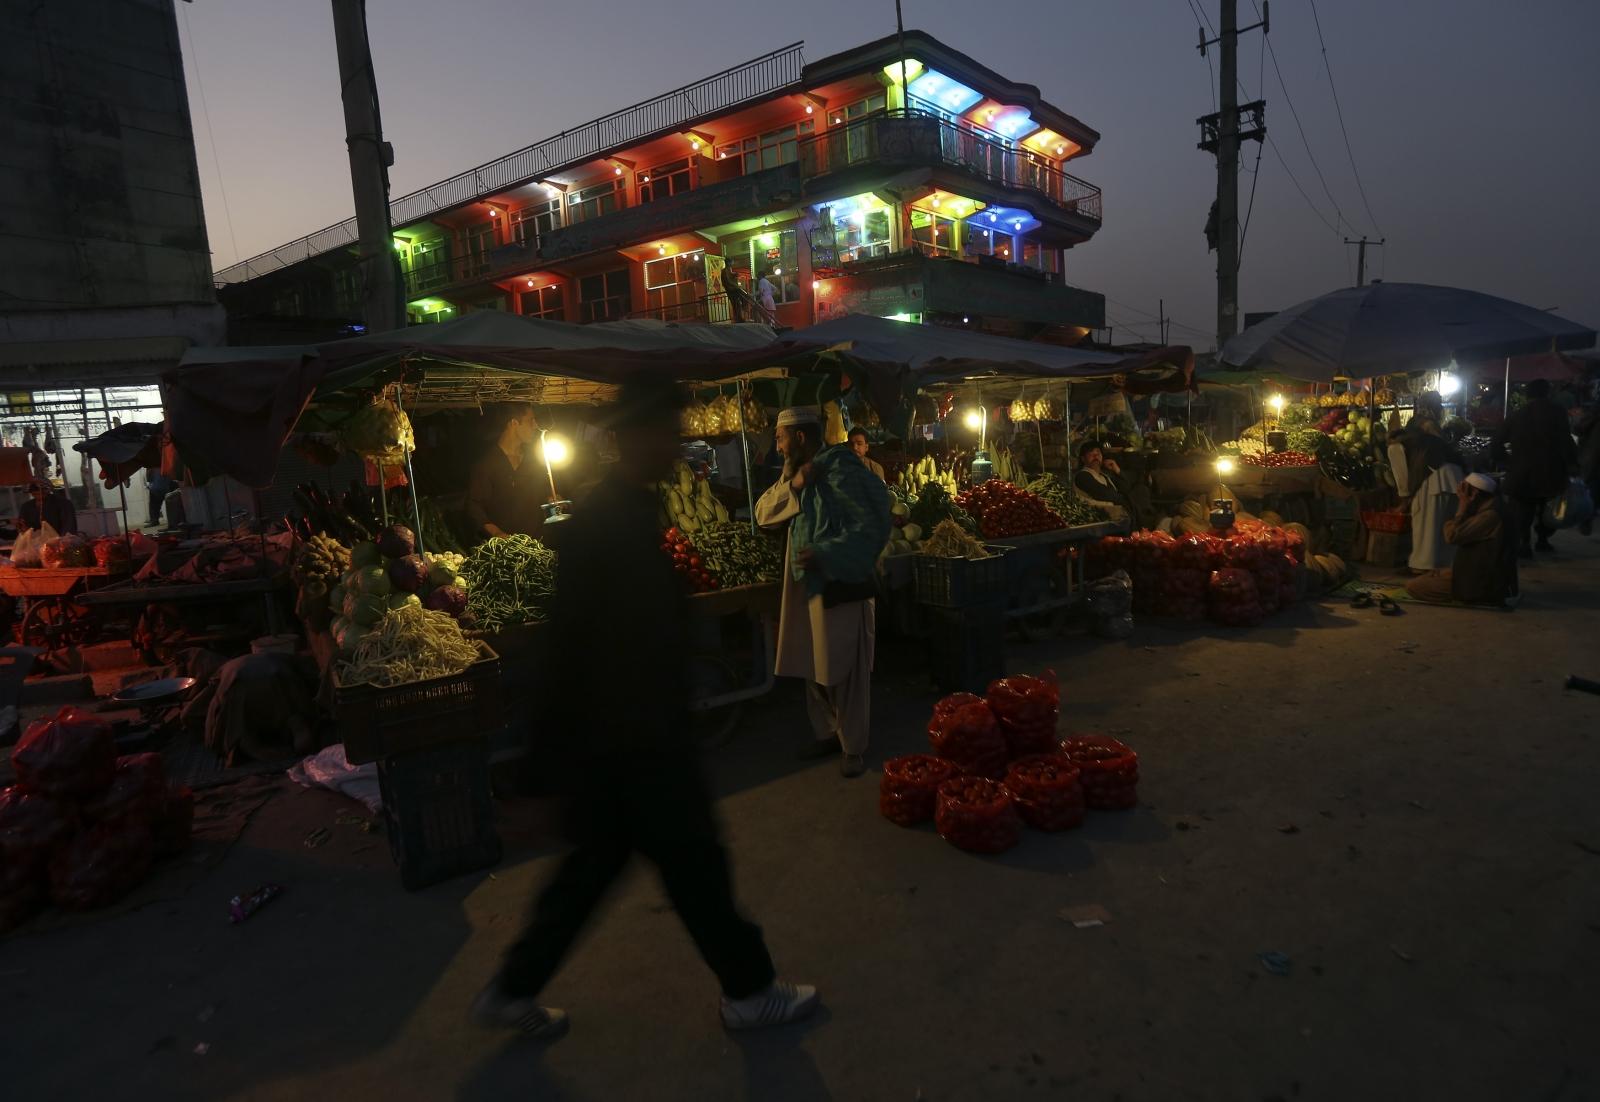 Afghan street food